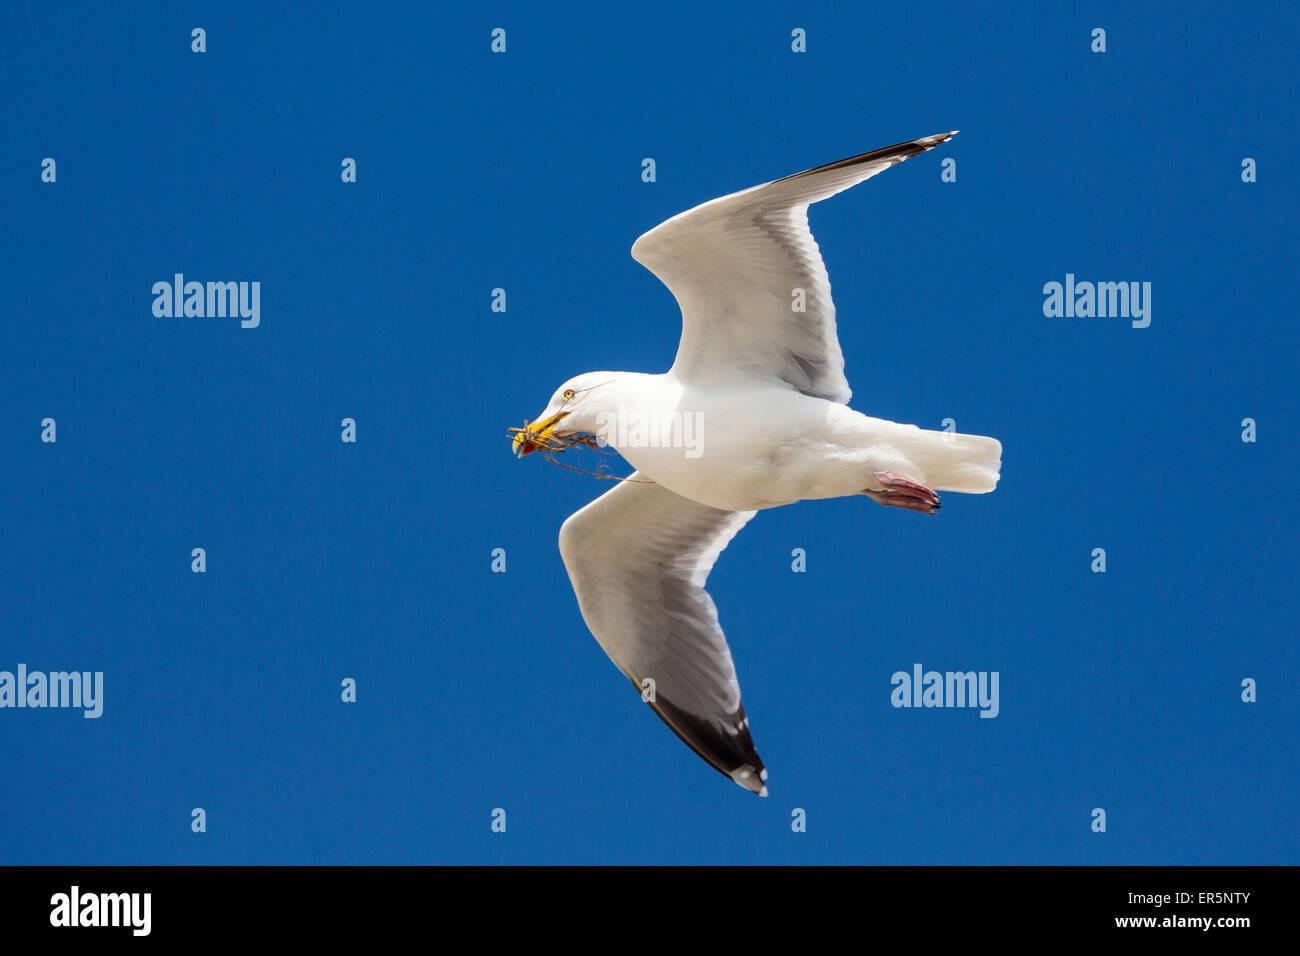 Gaviota en vuelo, transporte de material de anidación, Larus argentatus, Mar del Norte, Alemania, Europa Imagen De Stock